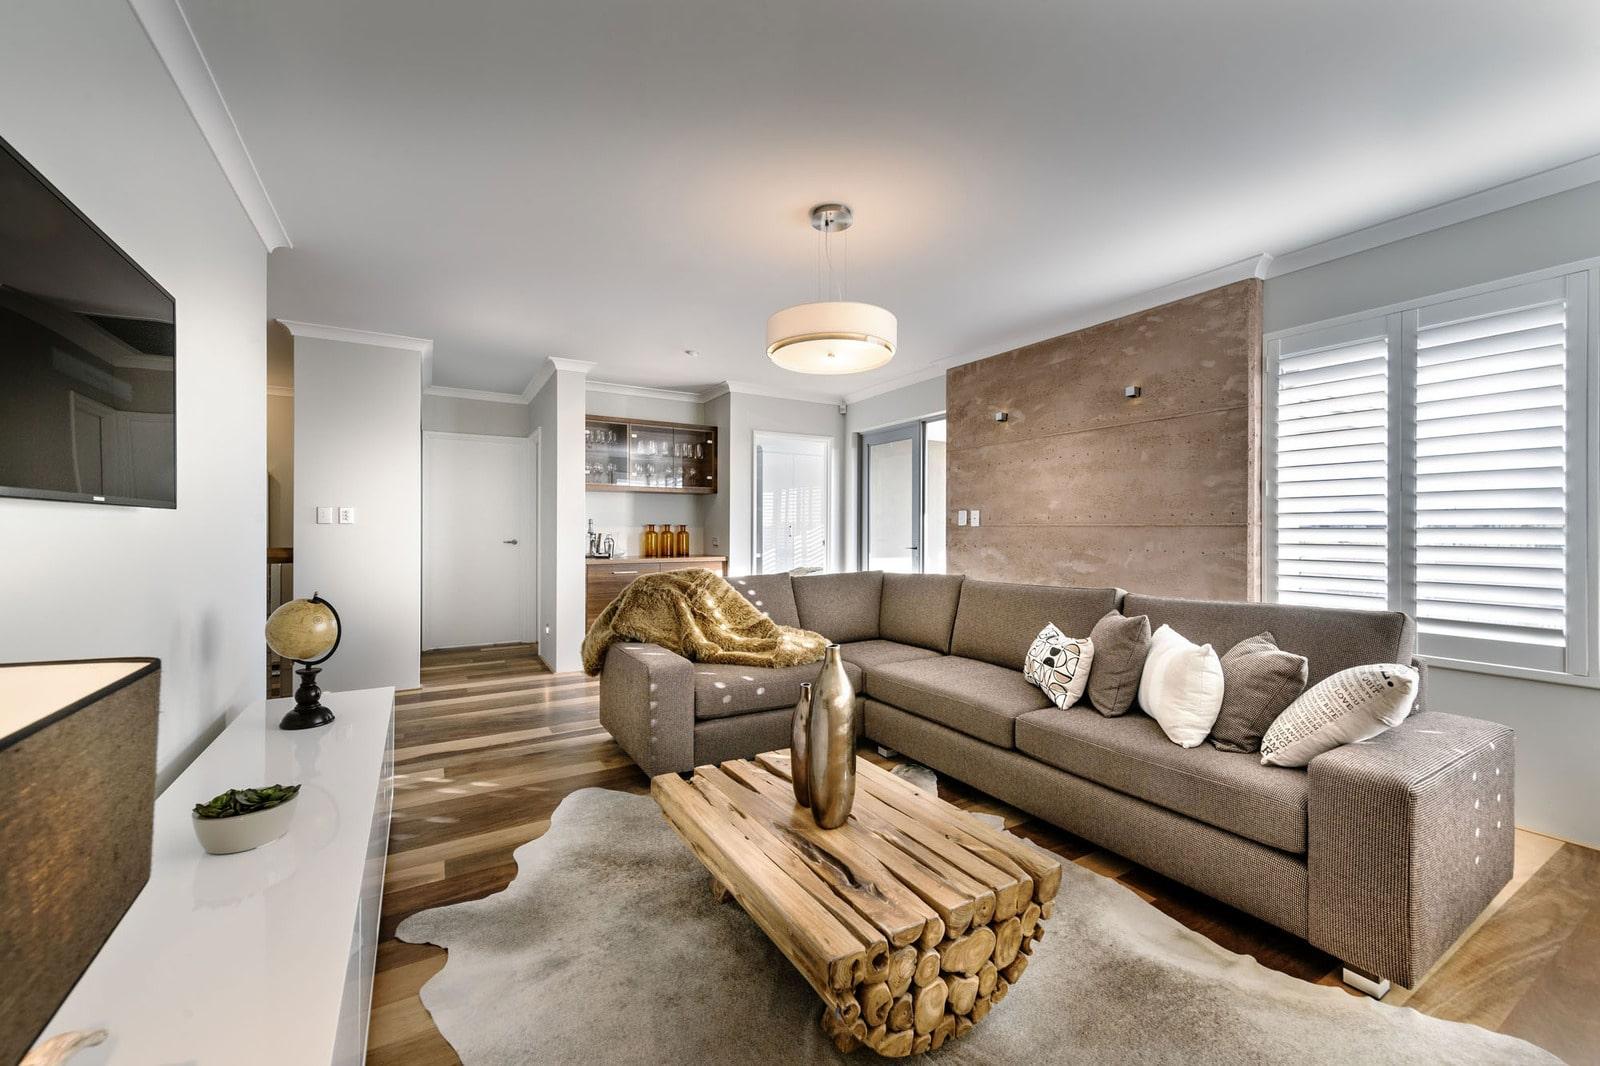 decoracin de interiores combina moderno y rstico